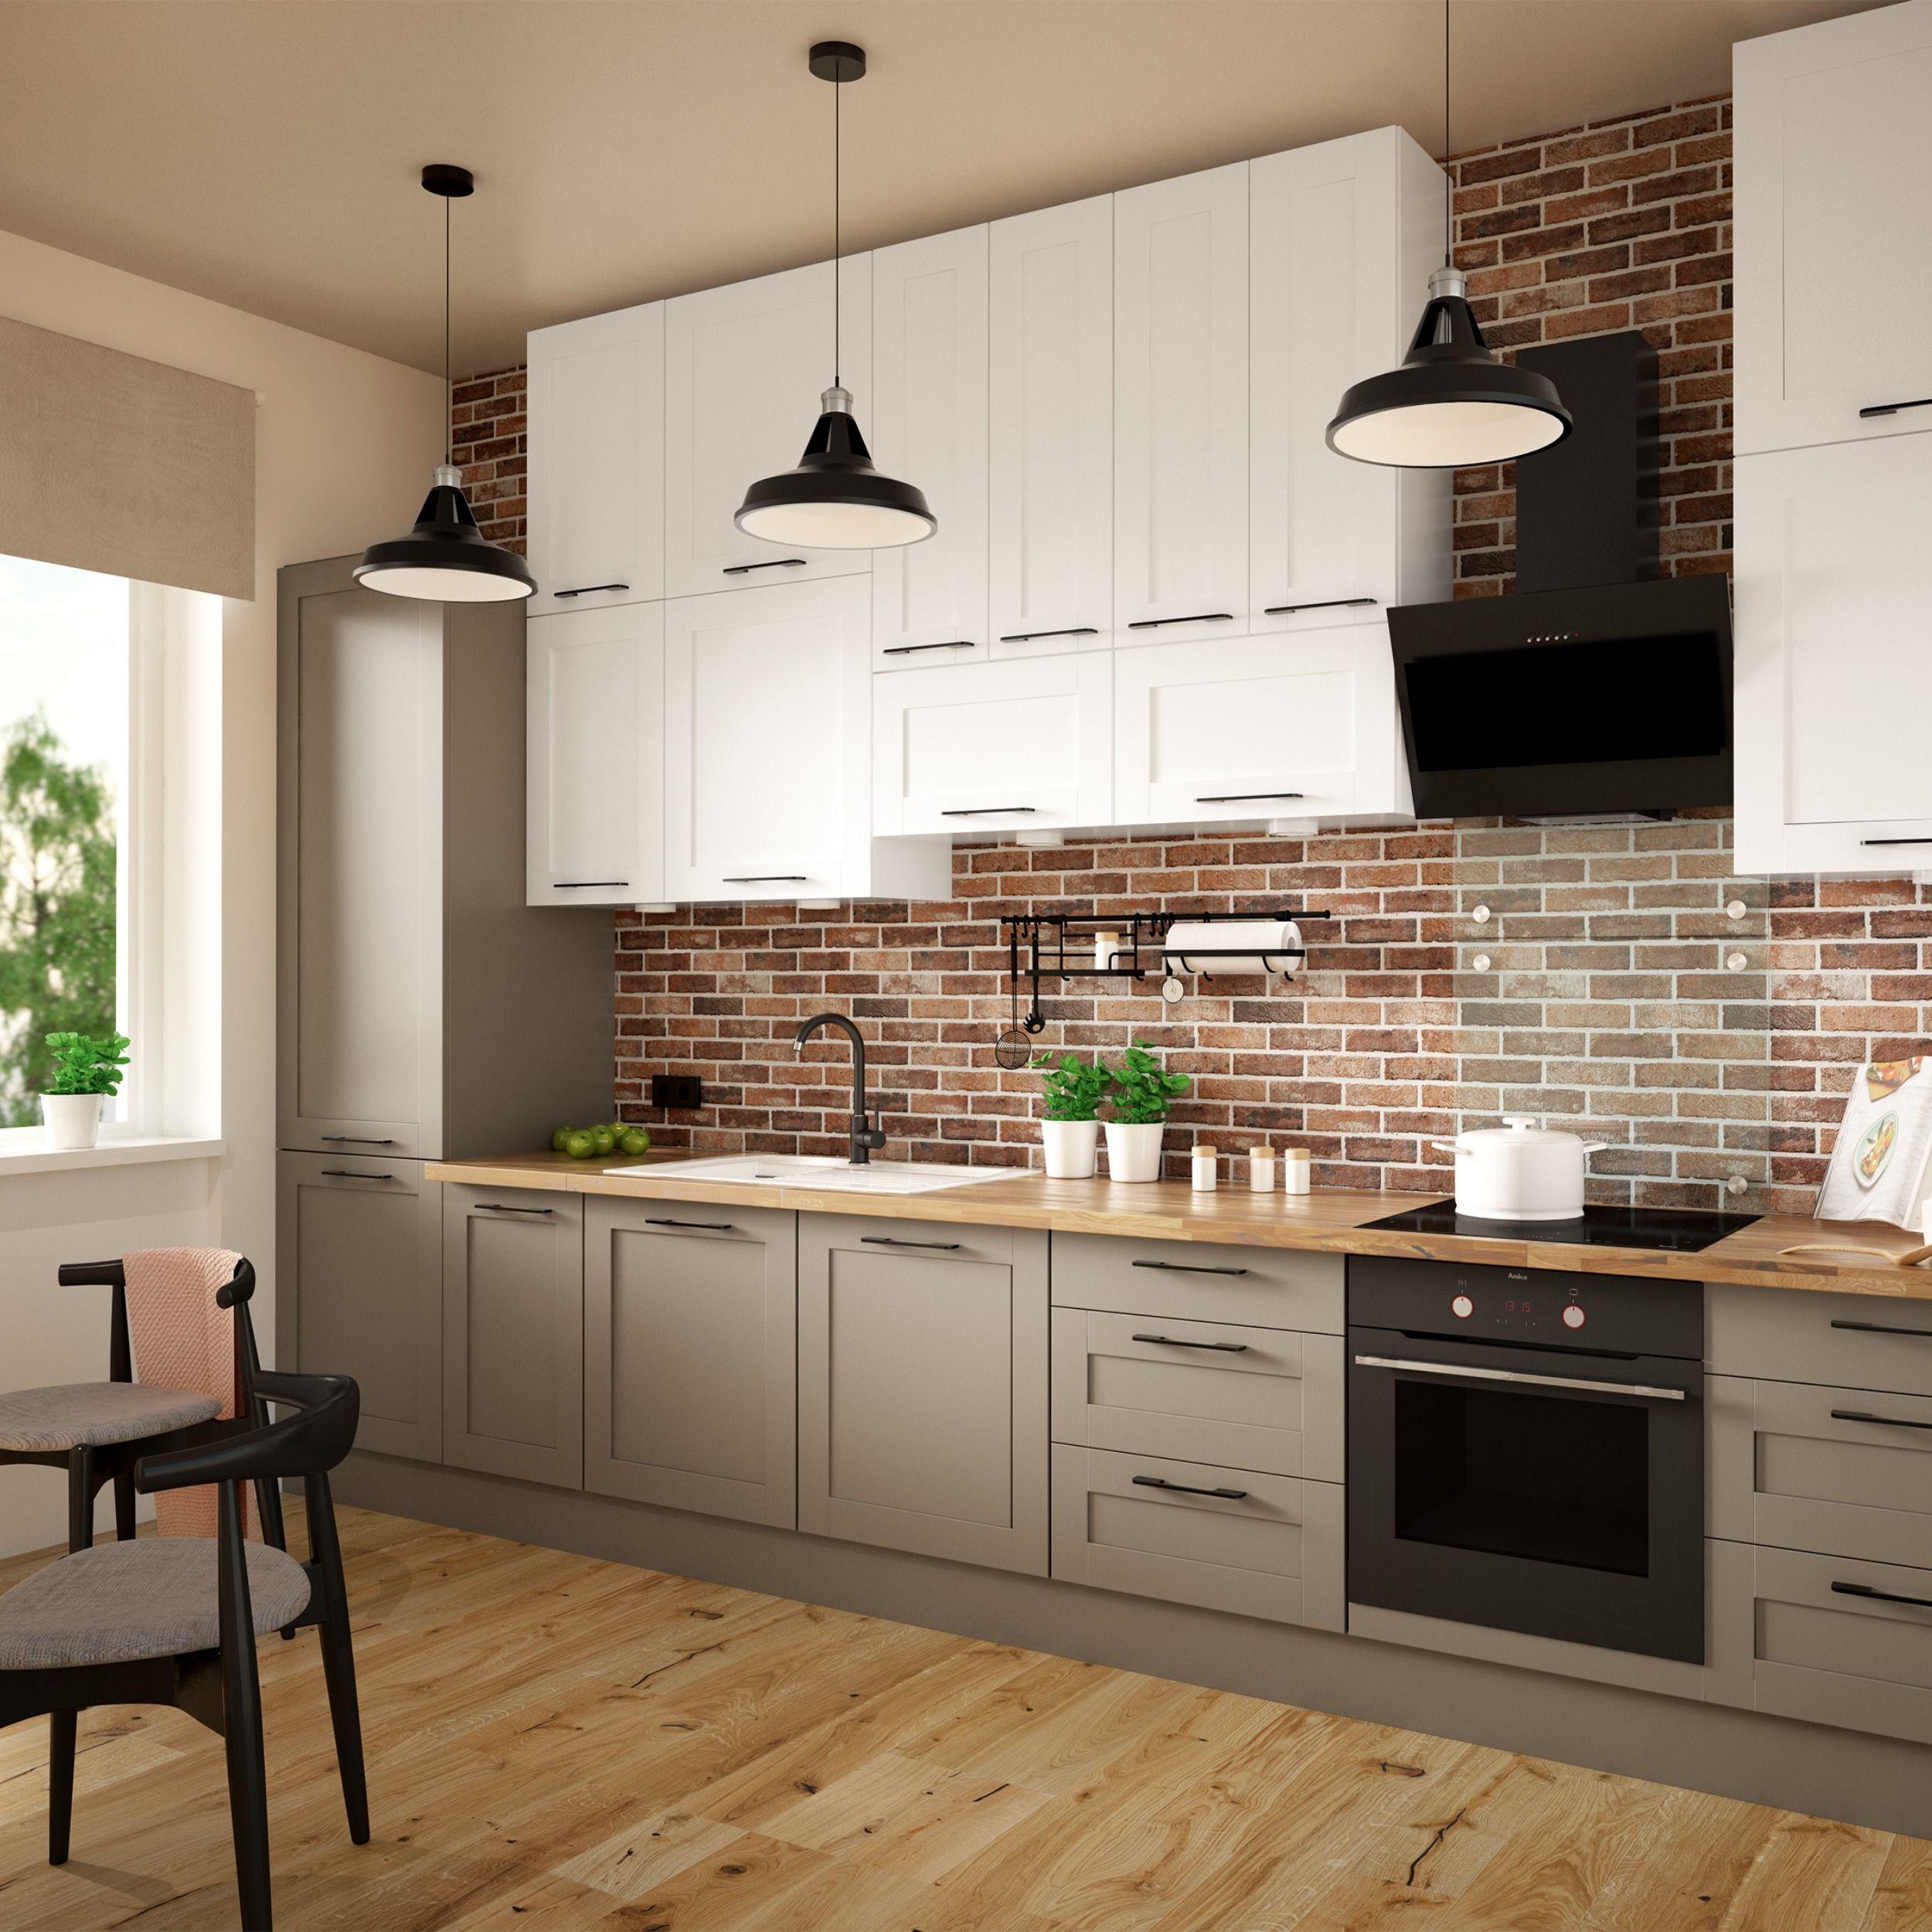 Leroymerlin Leroymerlinpolska Dlabohaterowdomu Domoweinspiracje Kuchnia Kitchen Bialakuchnia Frontykuchenne Biale Home Decor Kitchen Kitchen Cabinets